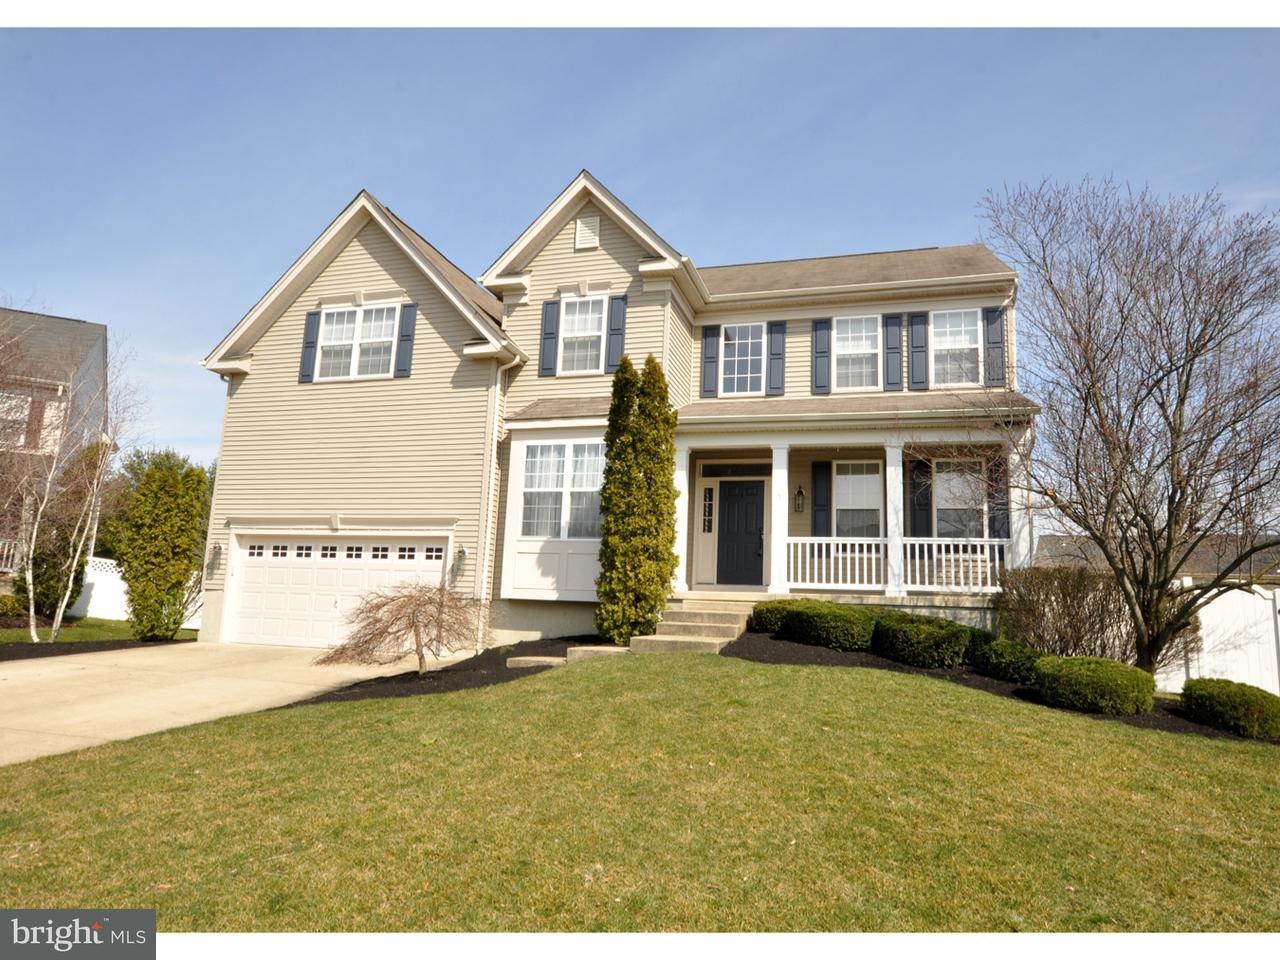 Maison unifamiliale pour l Vente à 5 BERGAN Court Evesham, New Jersey 08053 États-Unis